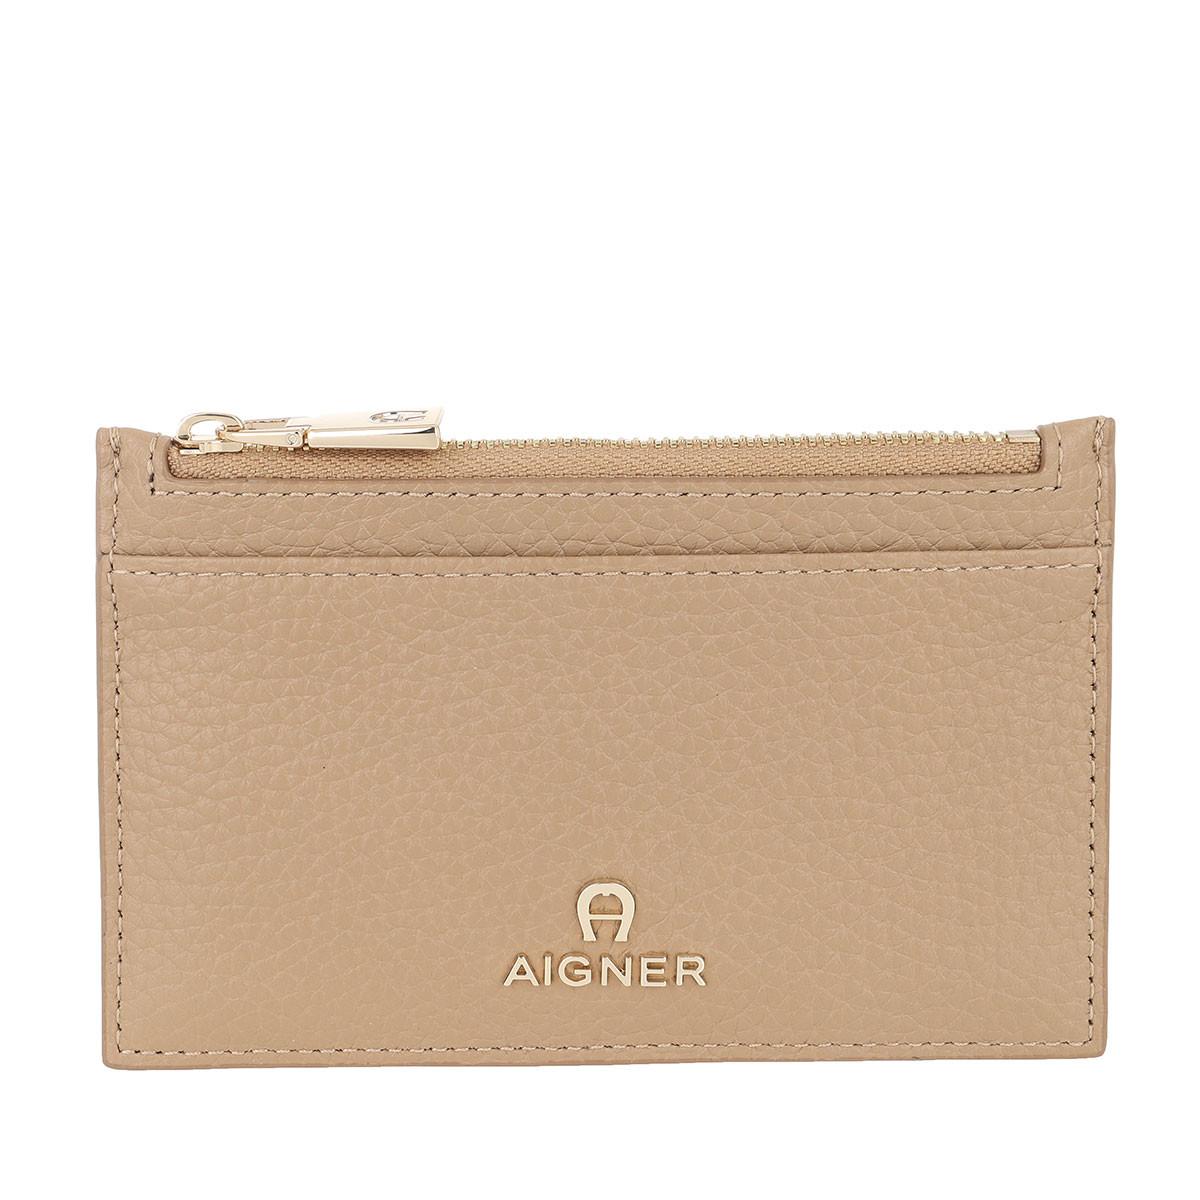 Aigner Portemonnaie - Ivy Card Holder Cashmere Beige - in beige - für Damen